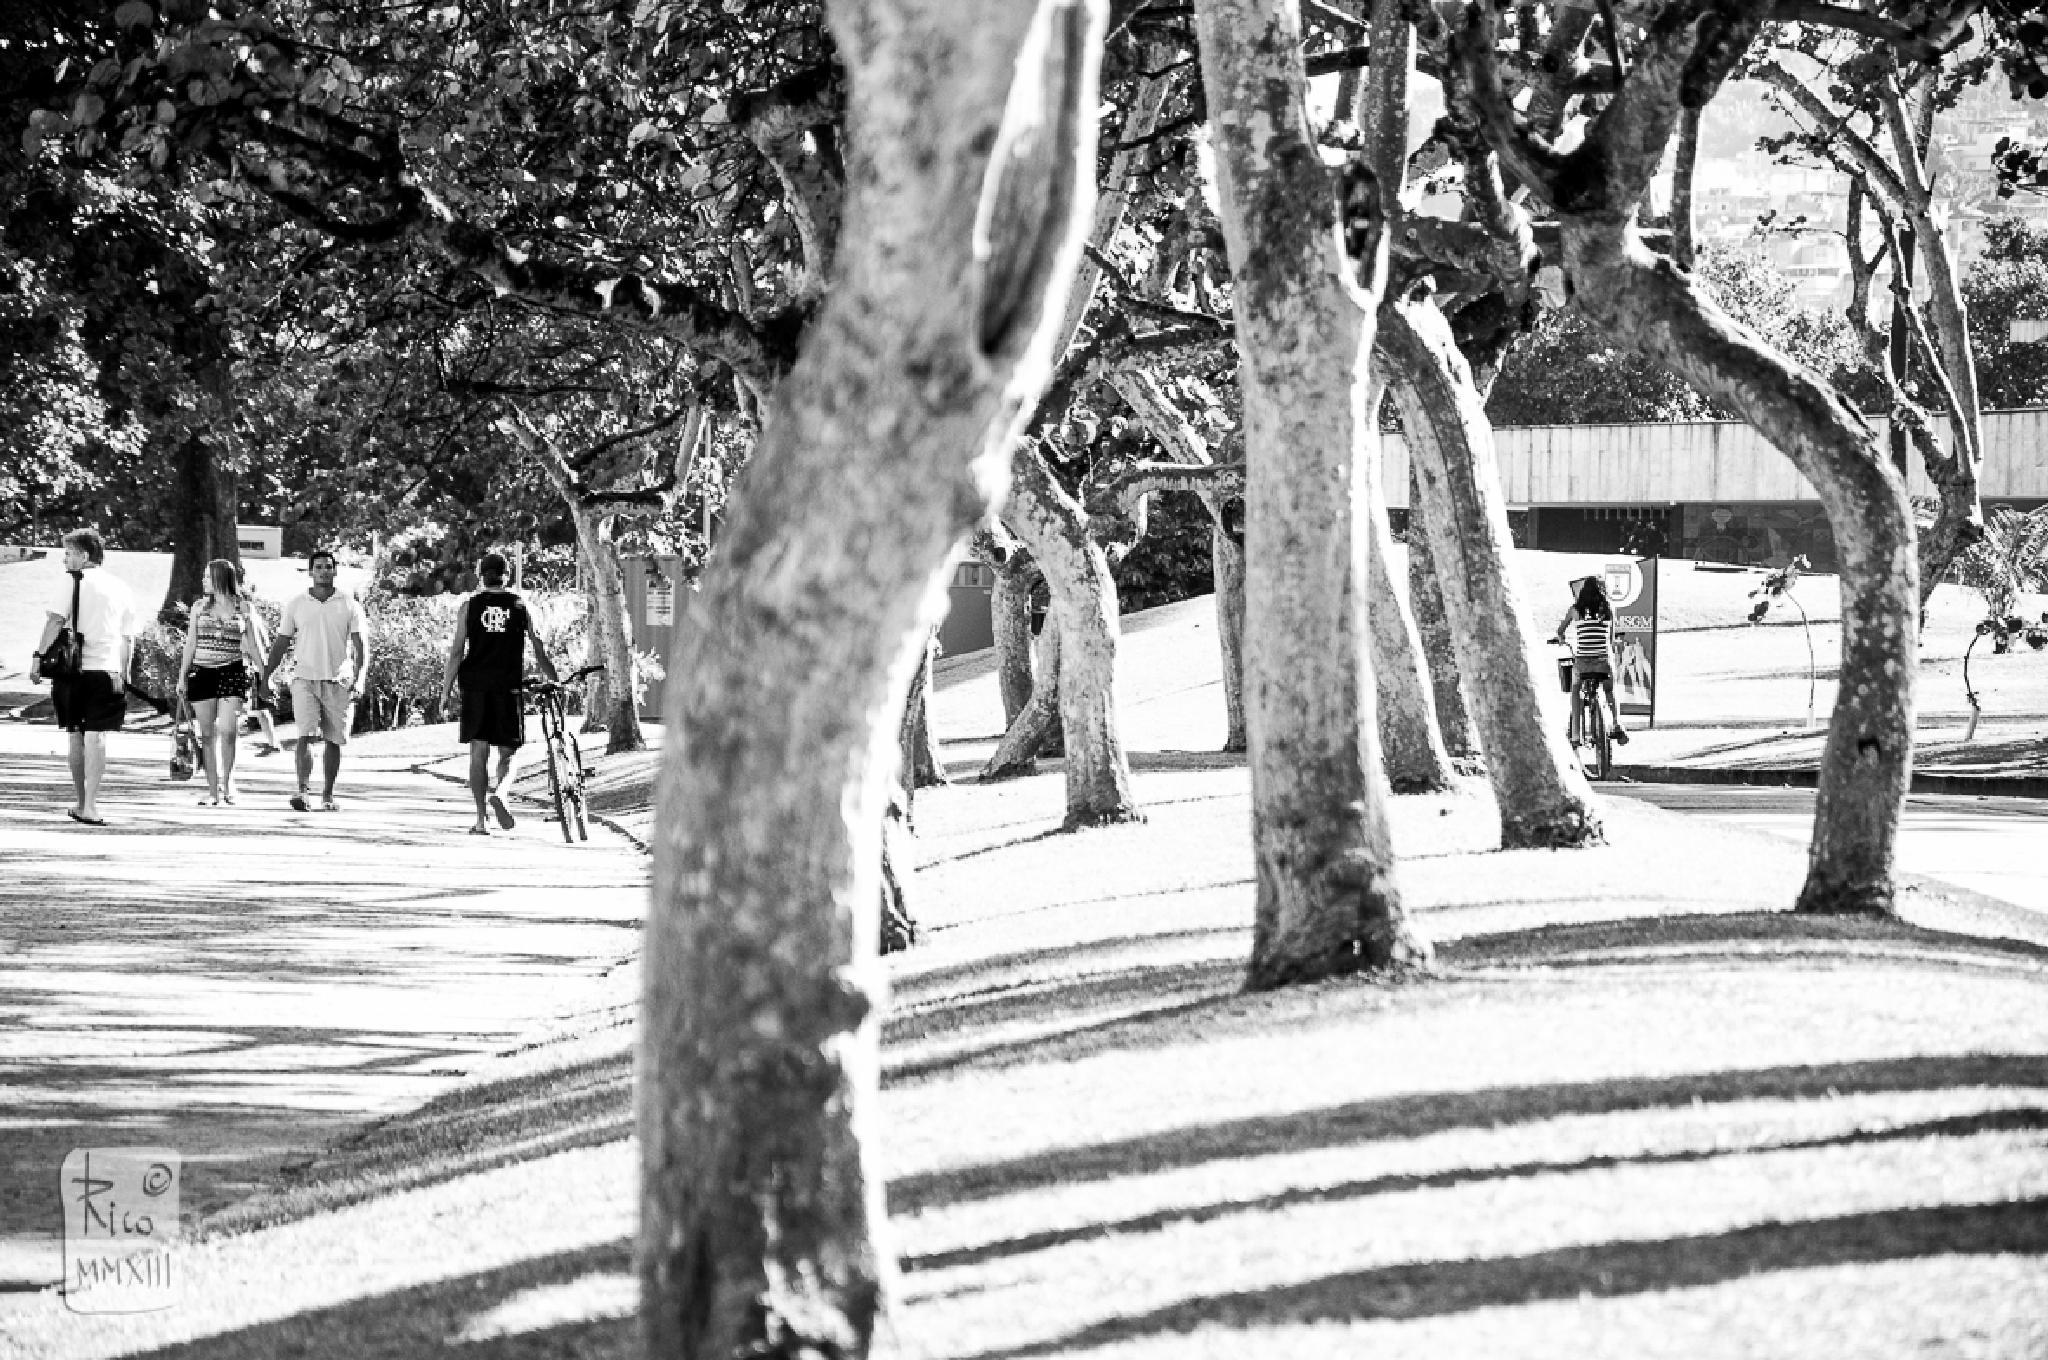 MAM - Parque do Flamengo by Rico